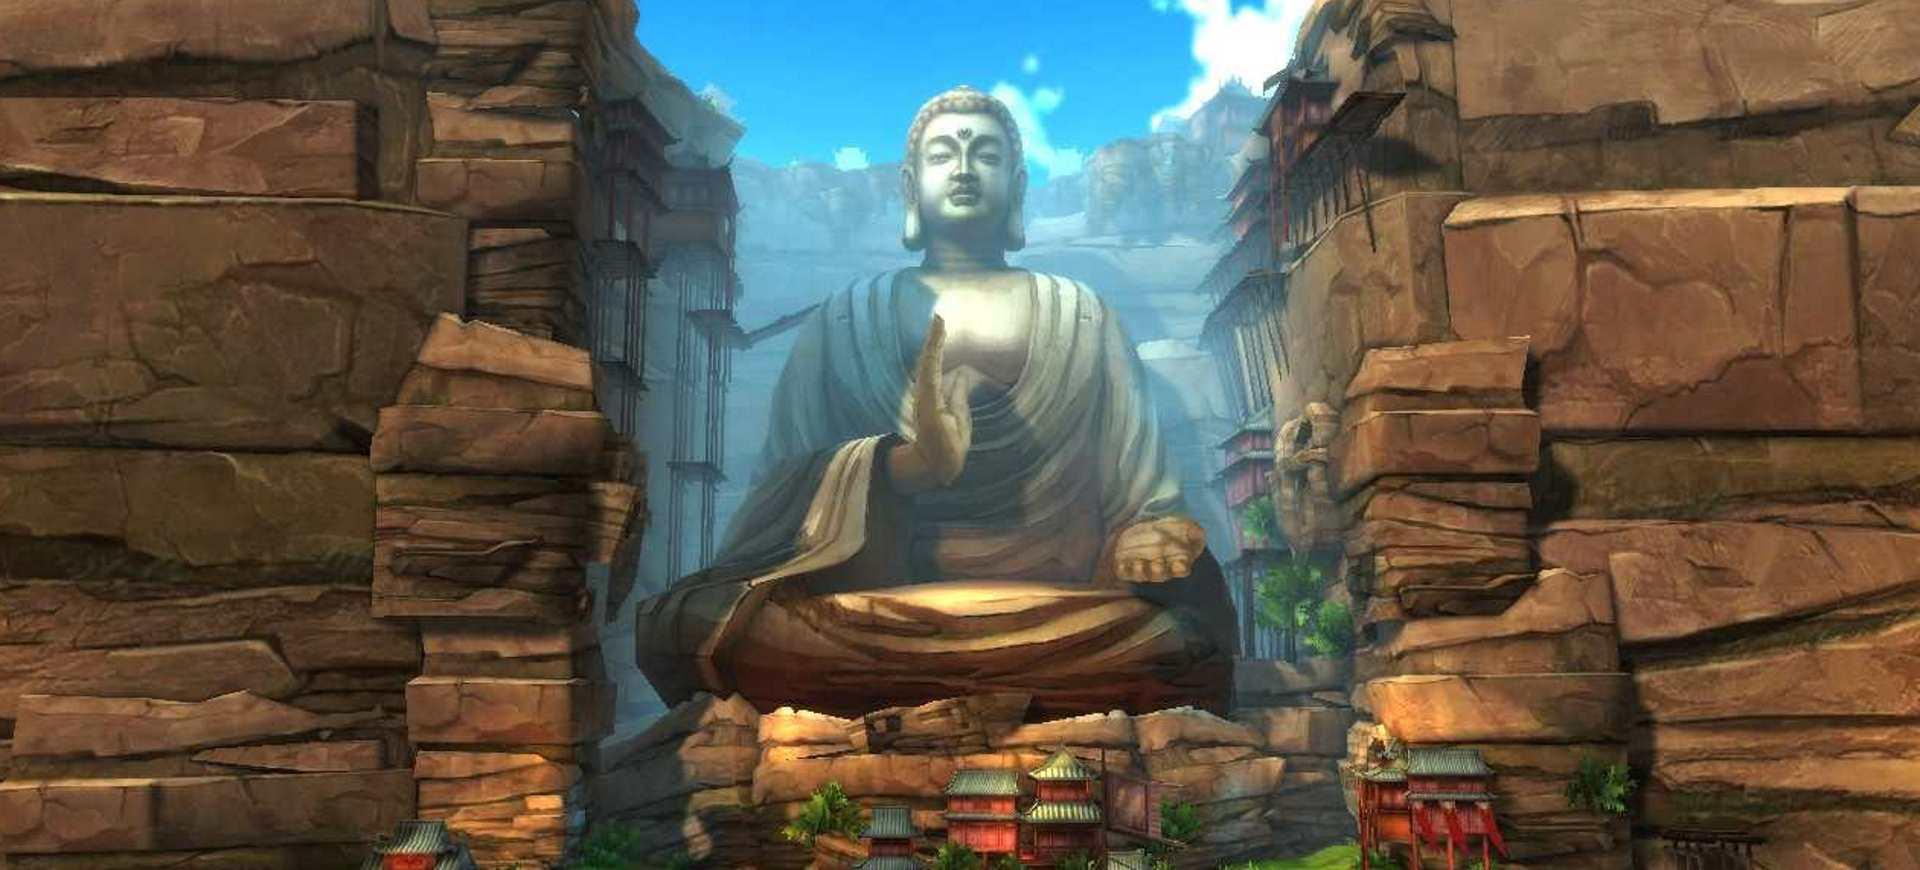 """Sự kiện ra mắt Phong Vân 3D - Lời hứa về một game di động """"dài hạn"""" từ VNG"""